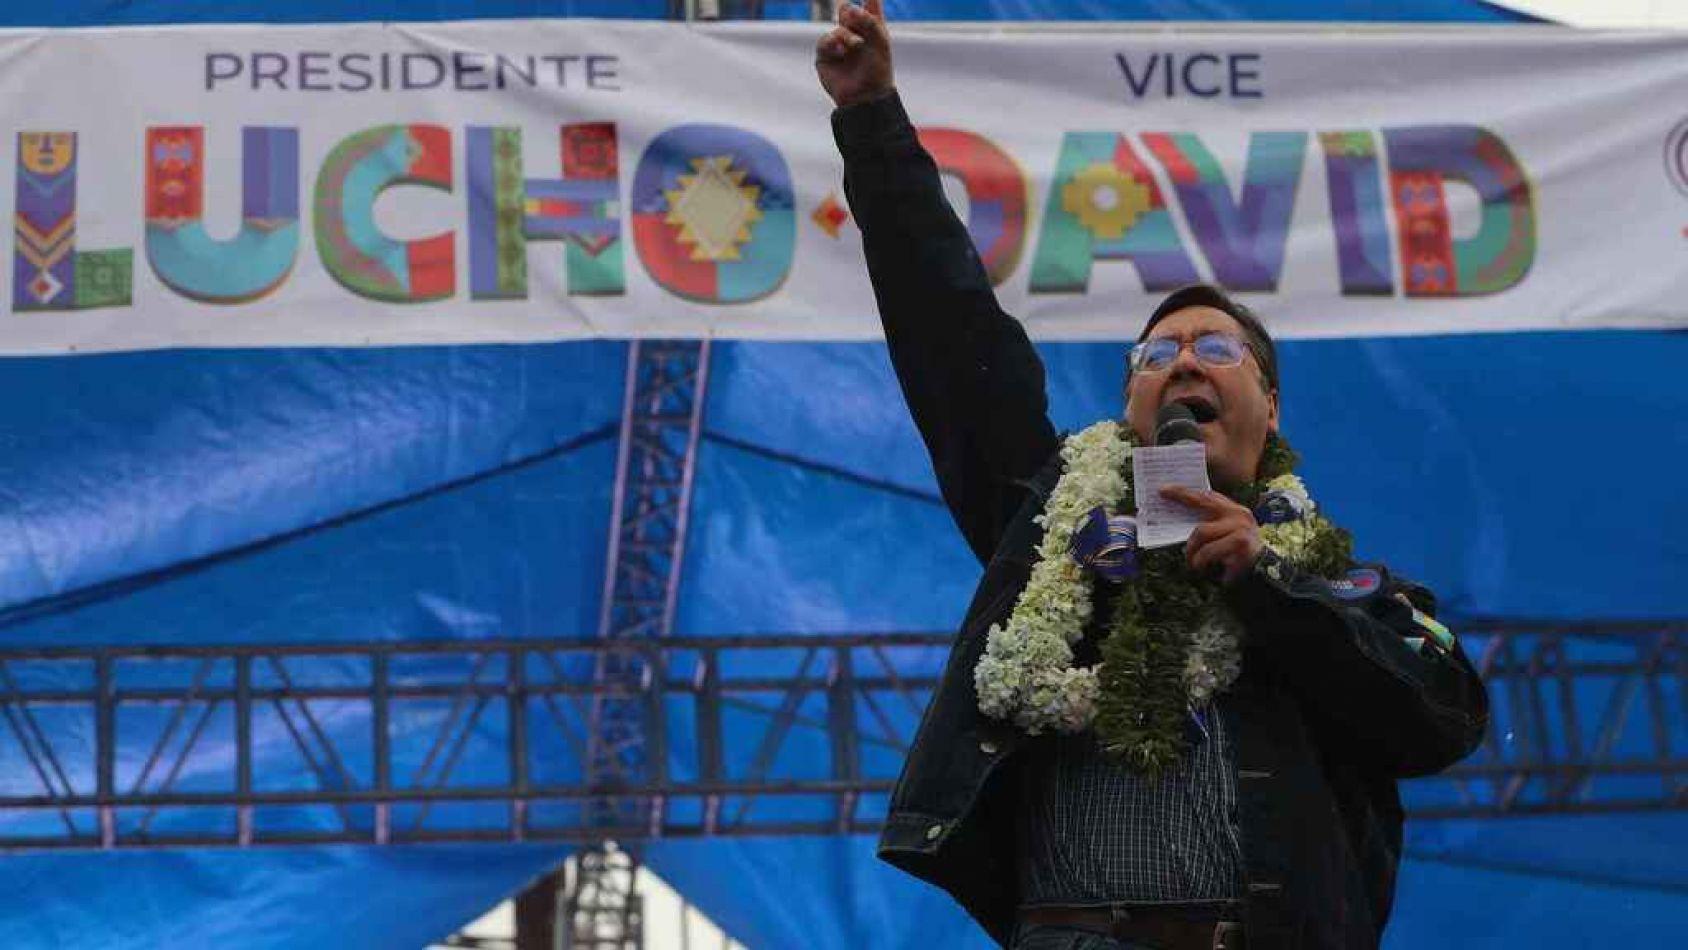 El nuevo presidente boliviano pidió la renuncia del titular de la OEA